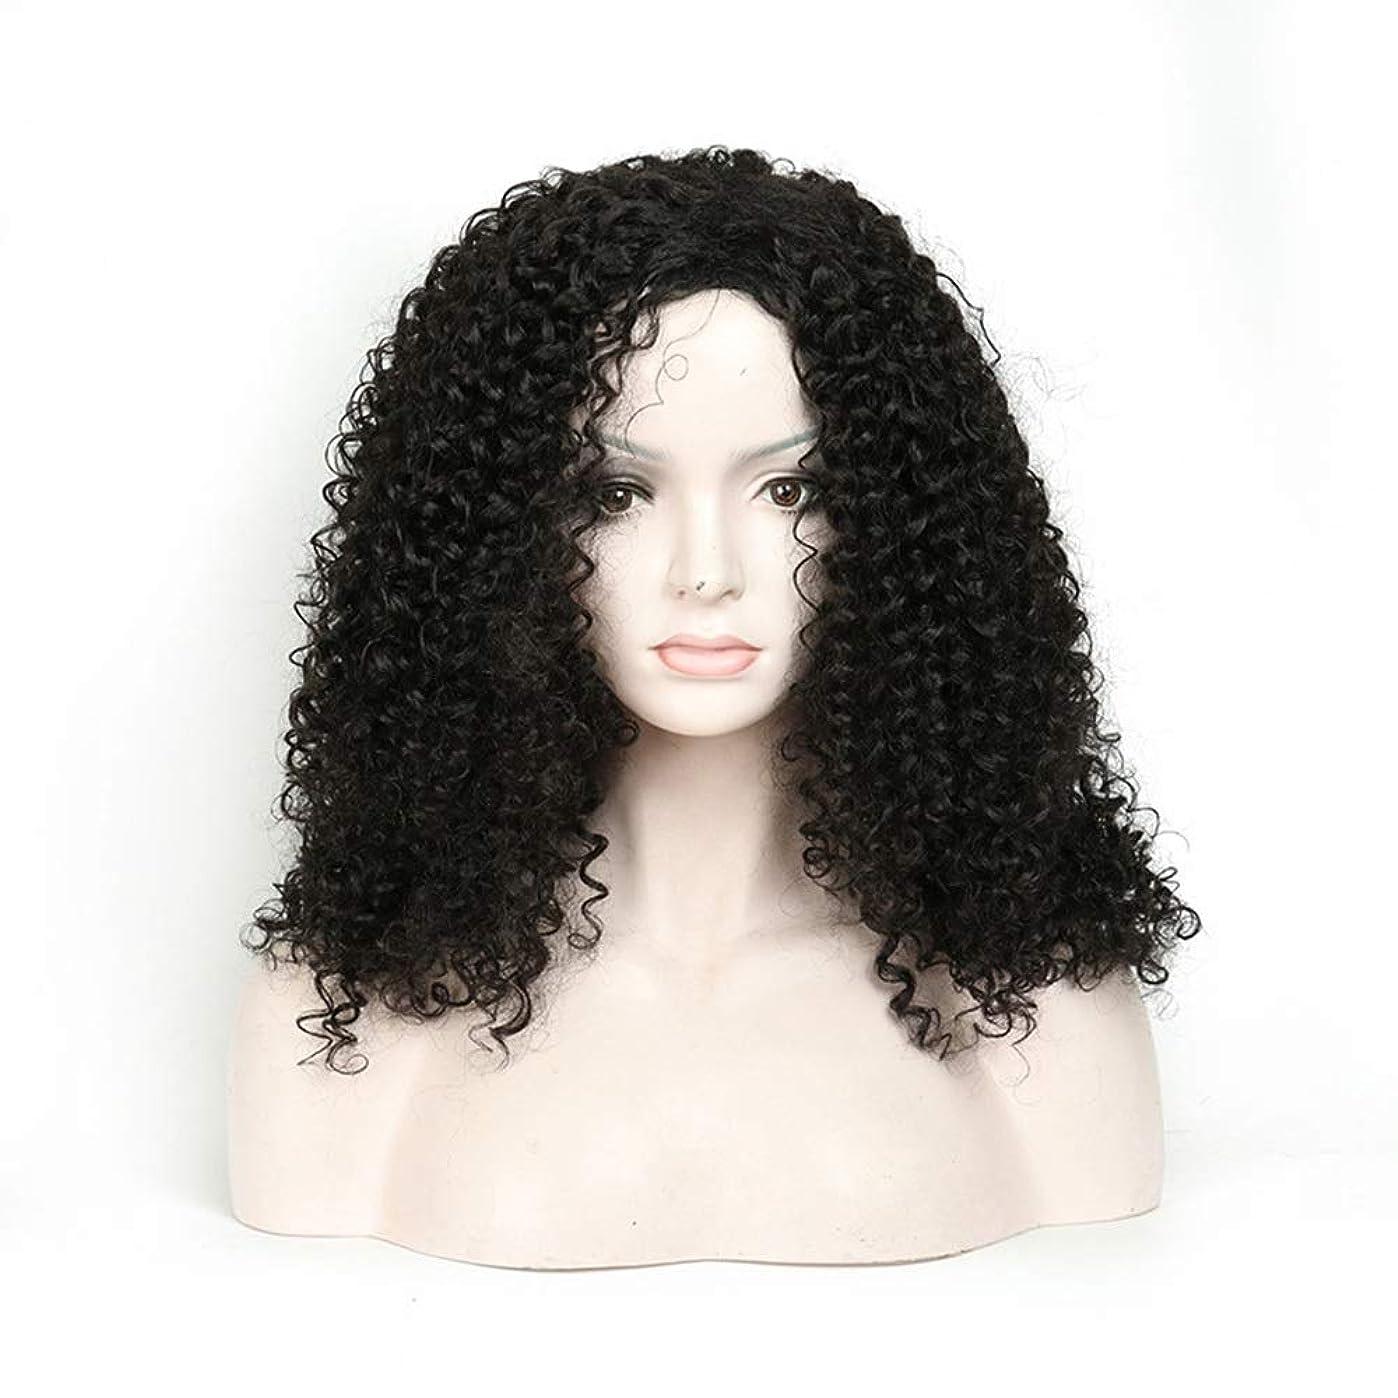 助けになる別々に体操選手Isikawan 長い巻き毛のかつら18インチ女性の毎日の服の人工毛のアフリカの黒 (色 : ブラック)